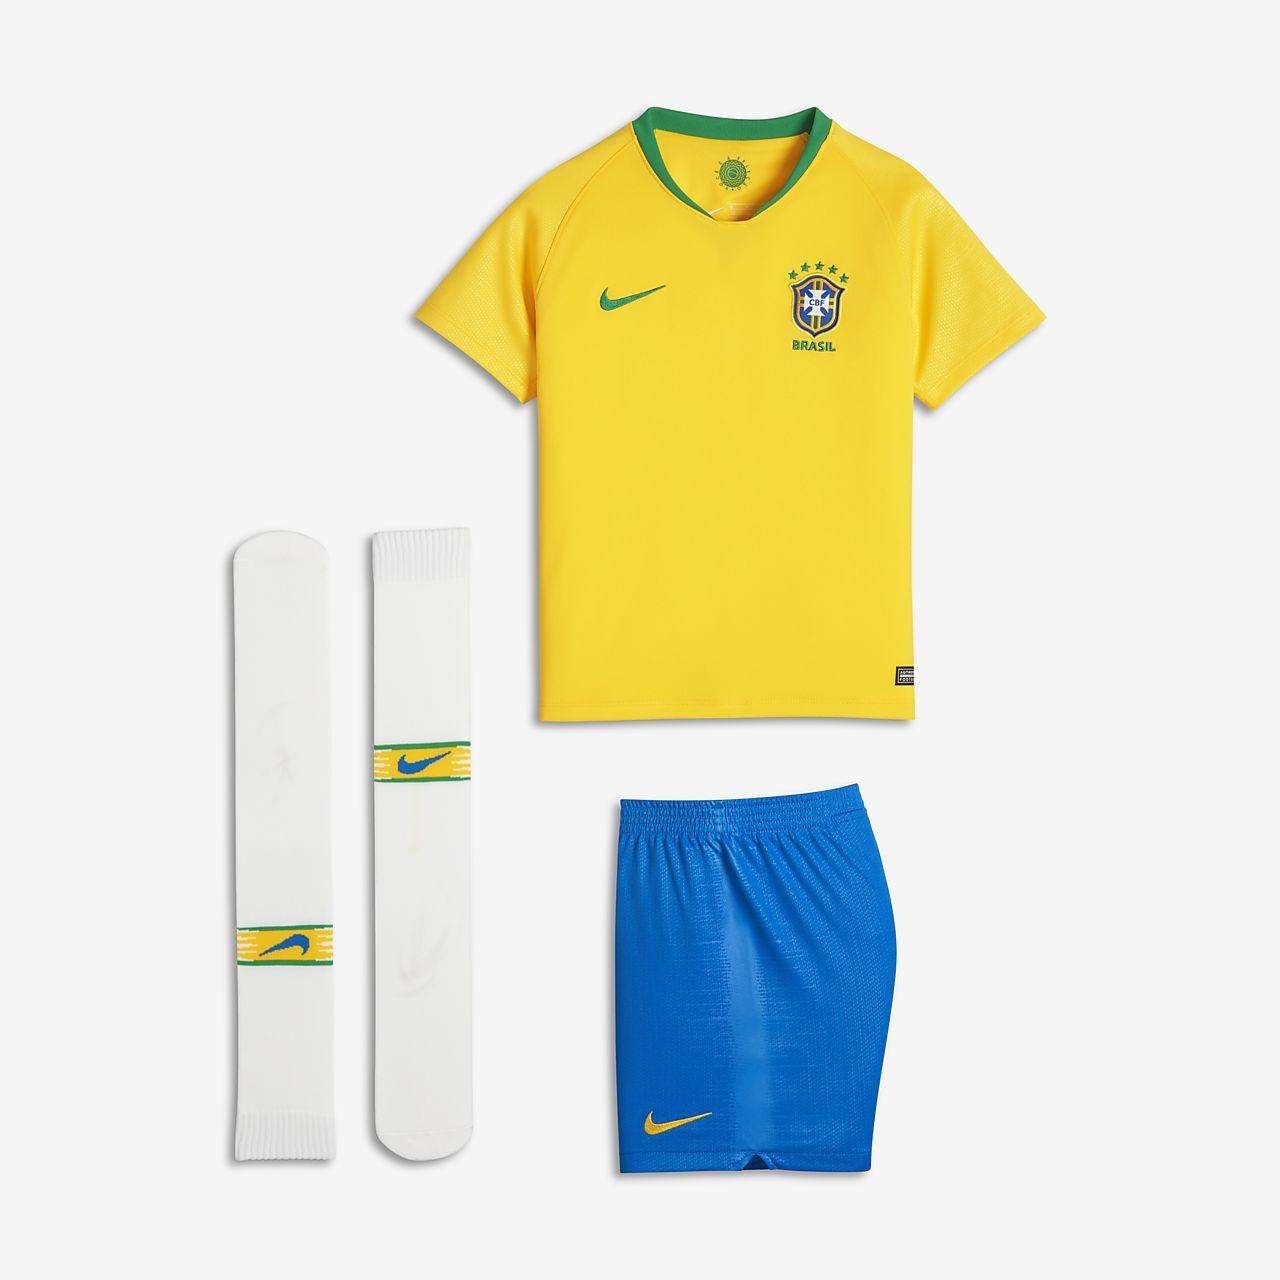 Uniforme de fútbol para niños talla pequeña 2018 Brasil CBF Stadium Home 06231f64a8646